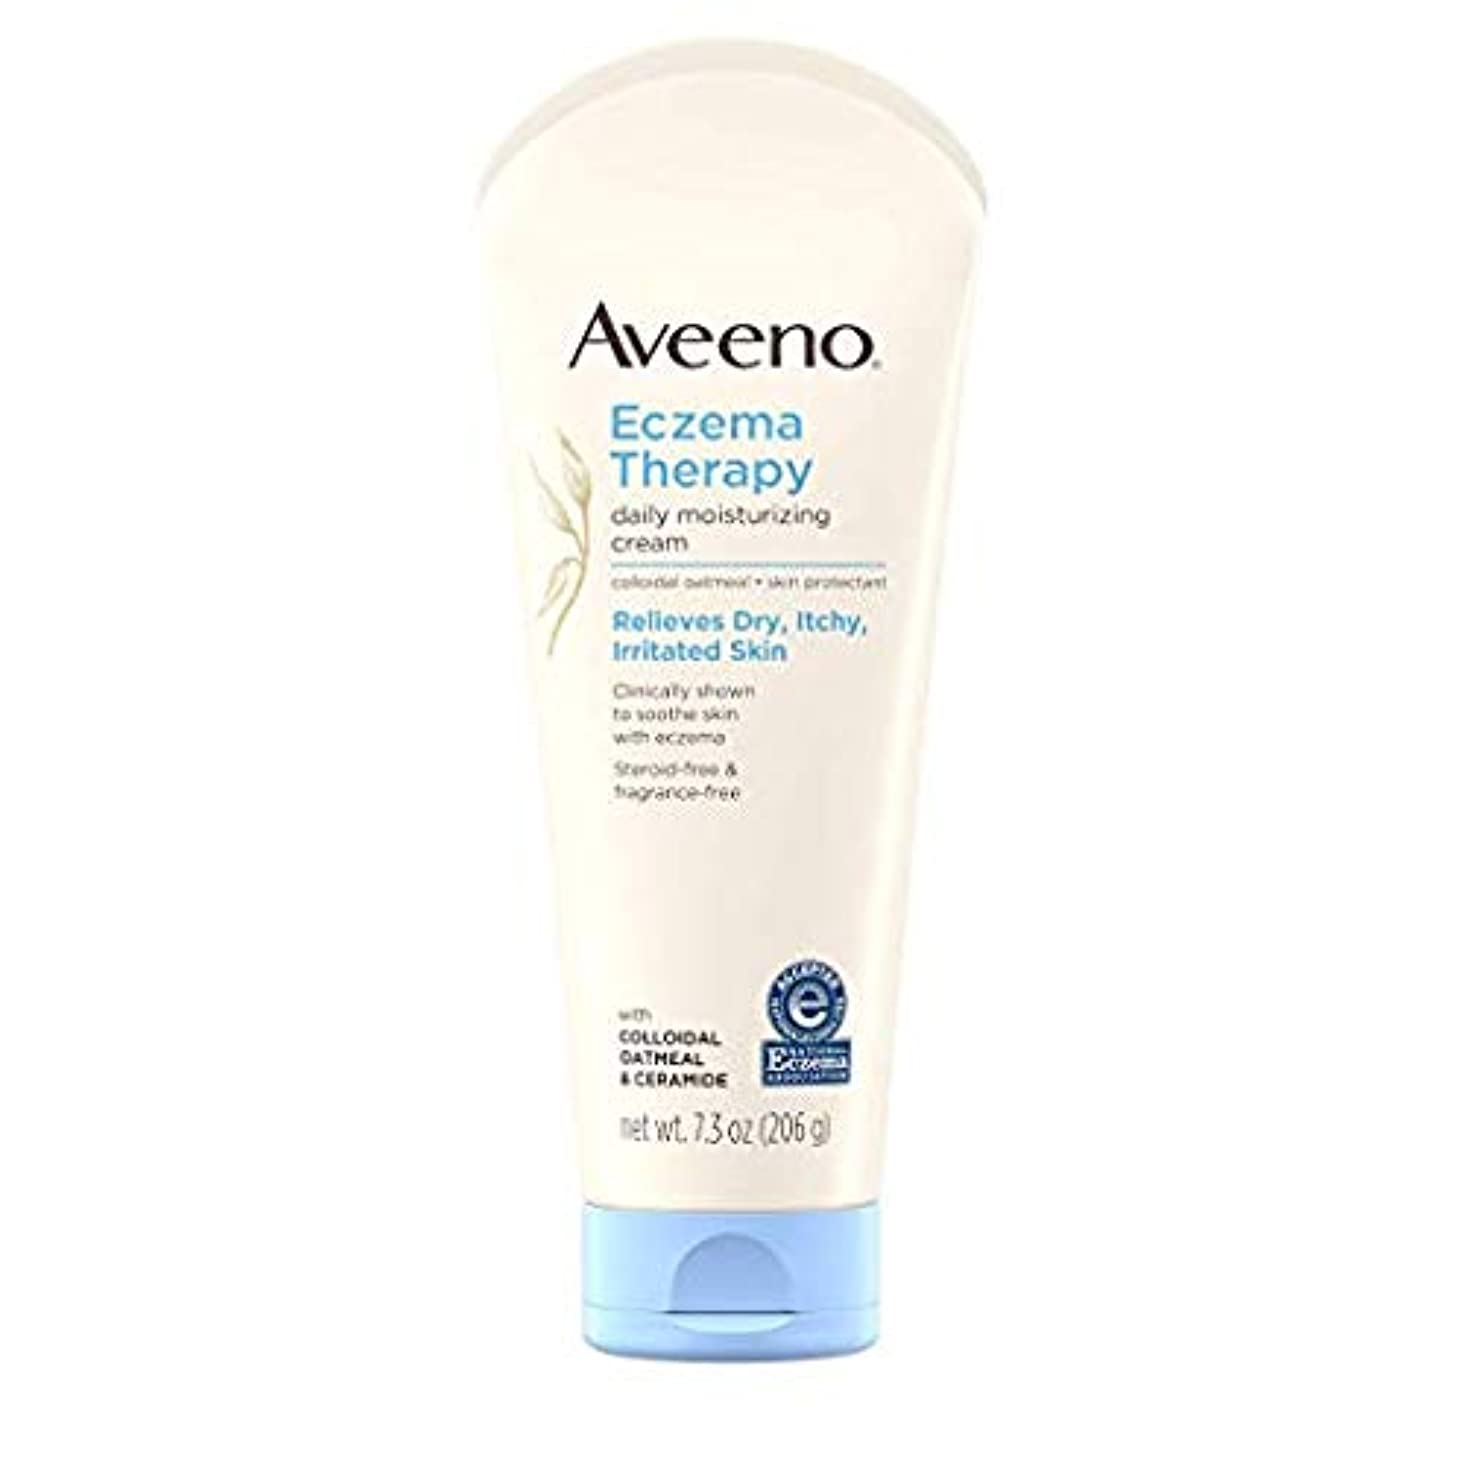 実行可能突撃順応性のあるAveeno - Eczema Therapy Moisturizing Cream - 7.3 oz (206 g) アビーノ 保湿クリーム [並行輸入品]